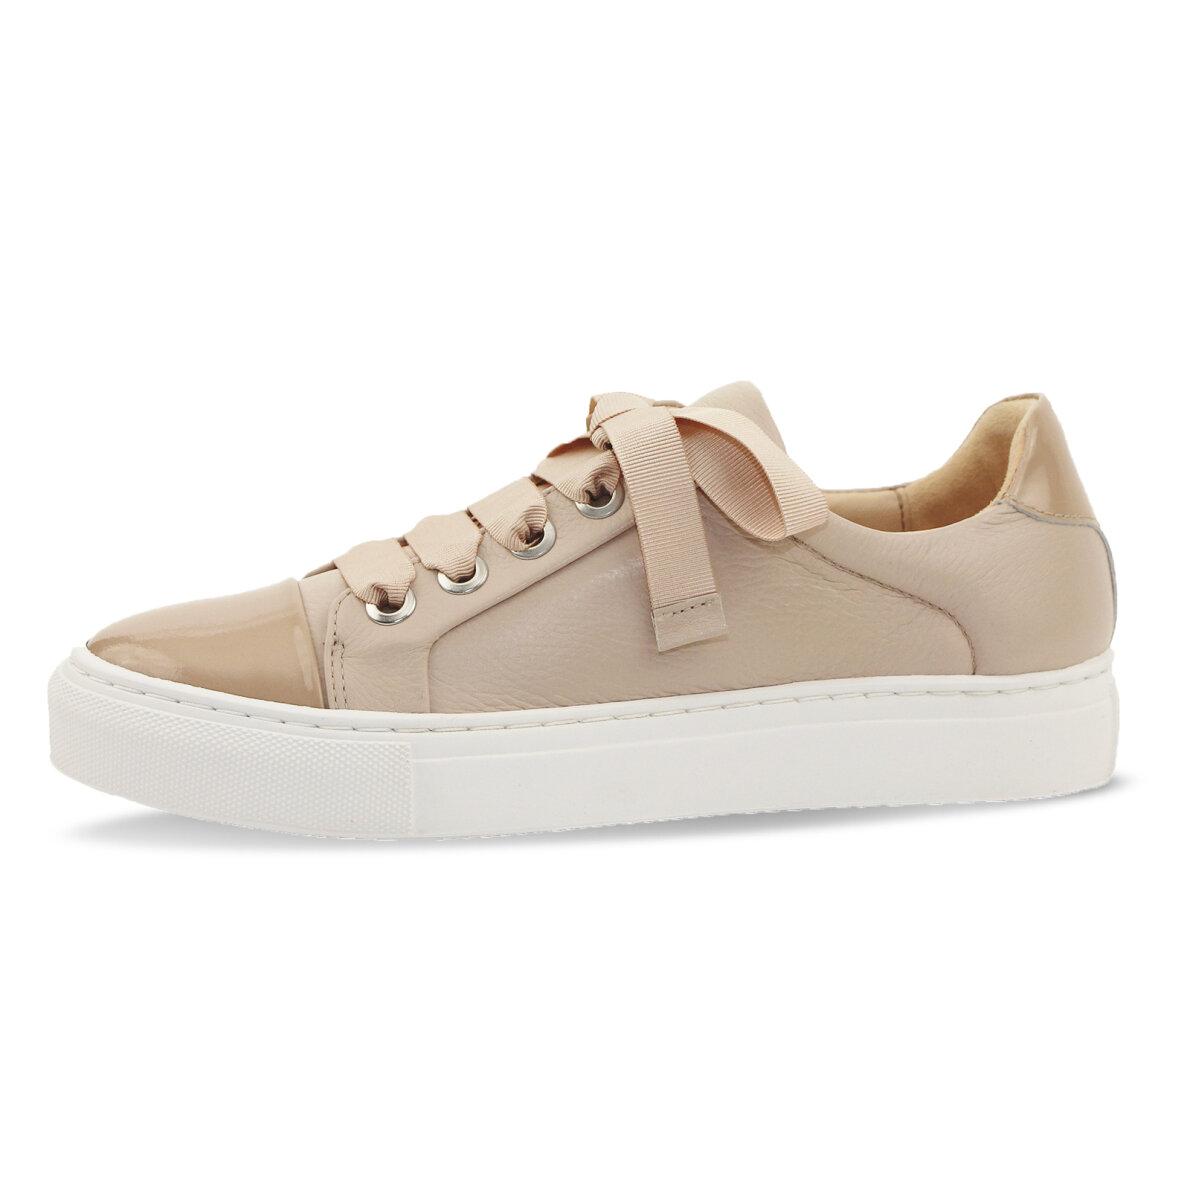 dde828d54fa Billi Bi 4825 Sneaker Nude - Billi Bi Sport Sneaker - Piedi.dk